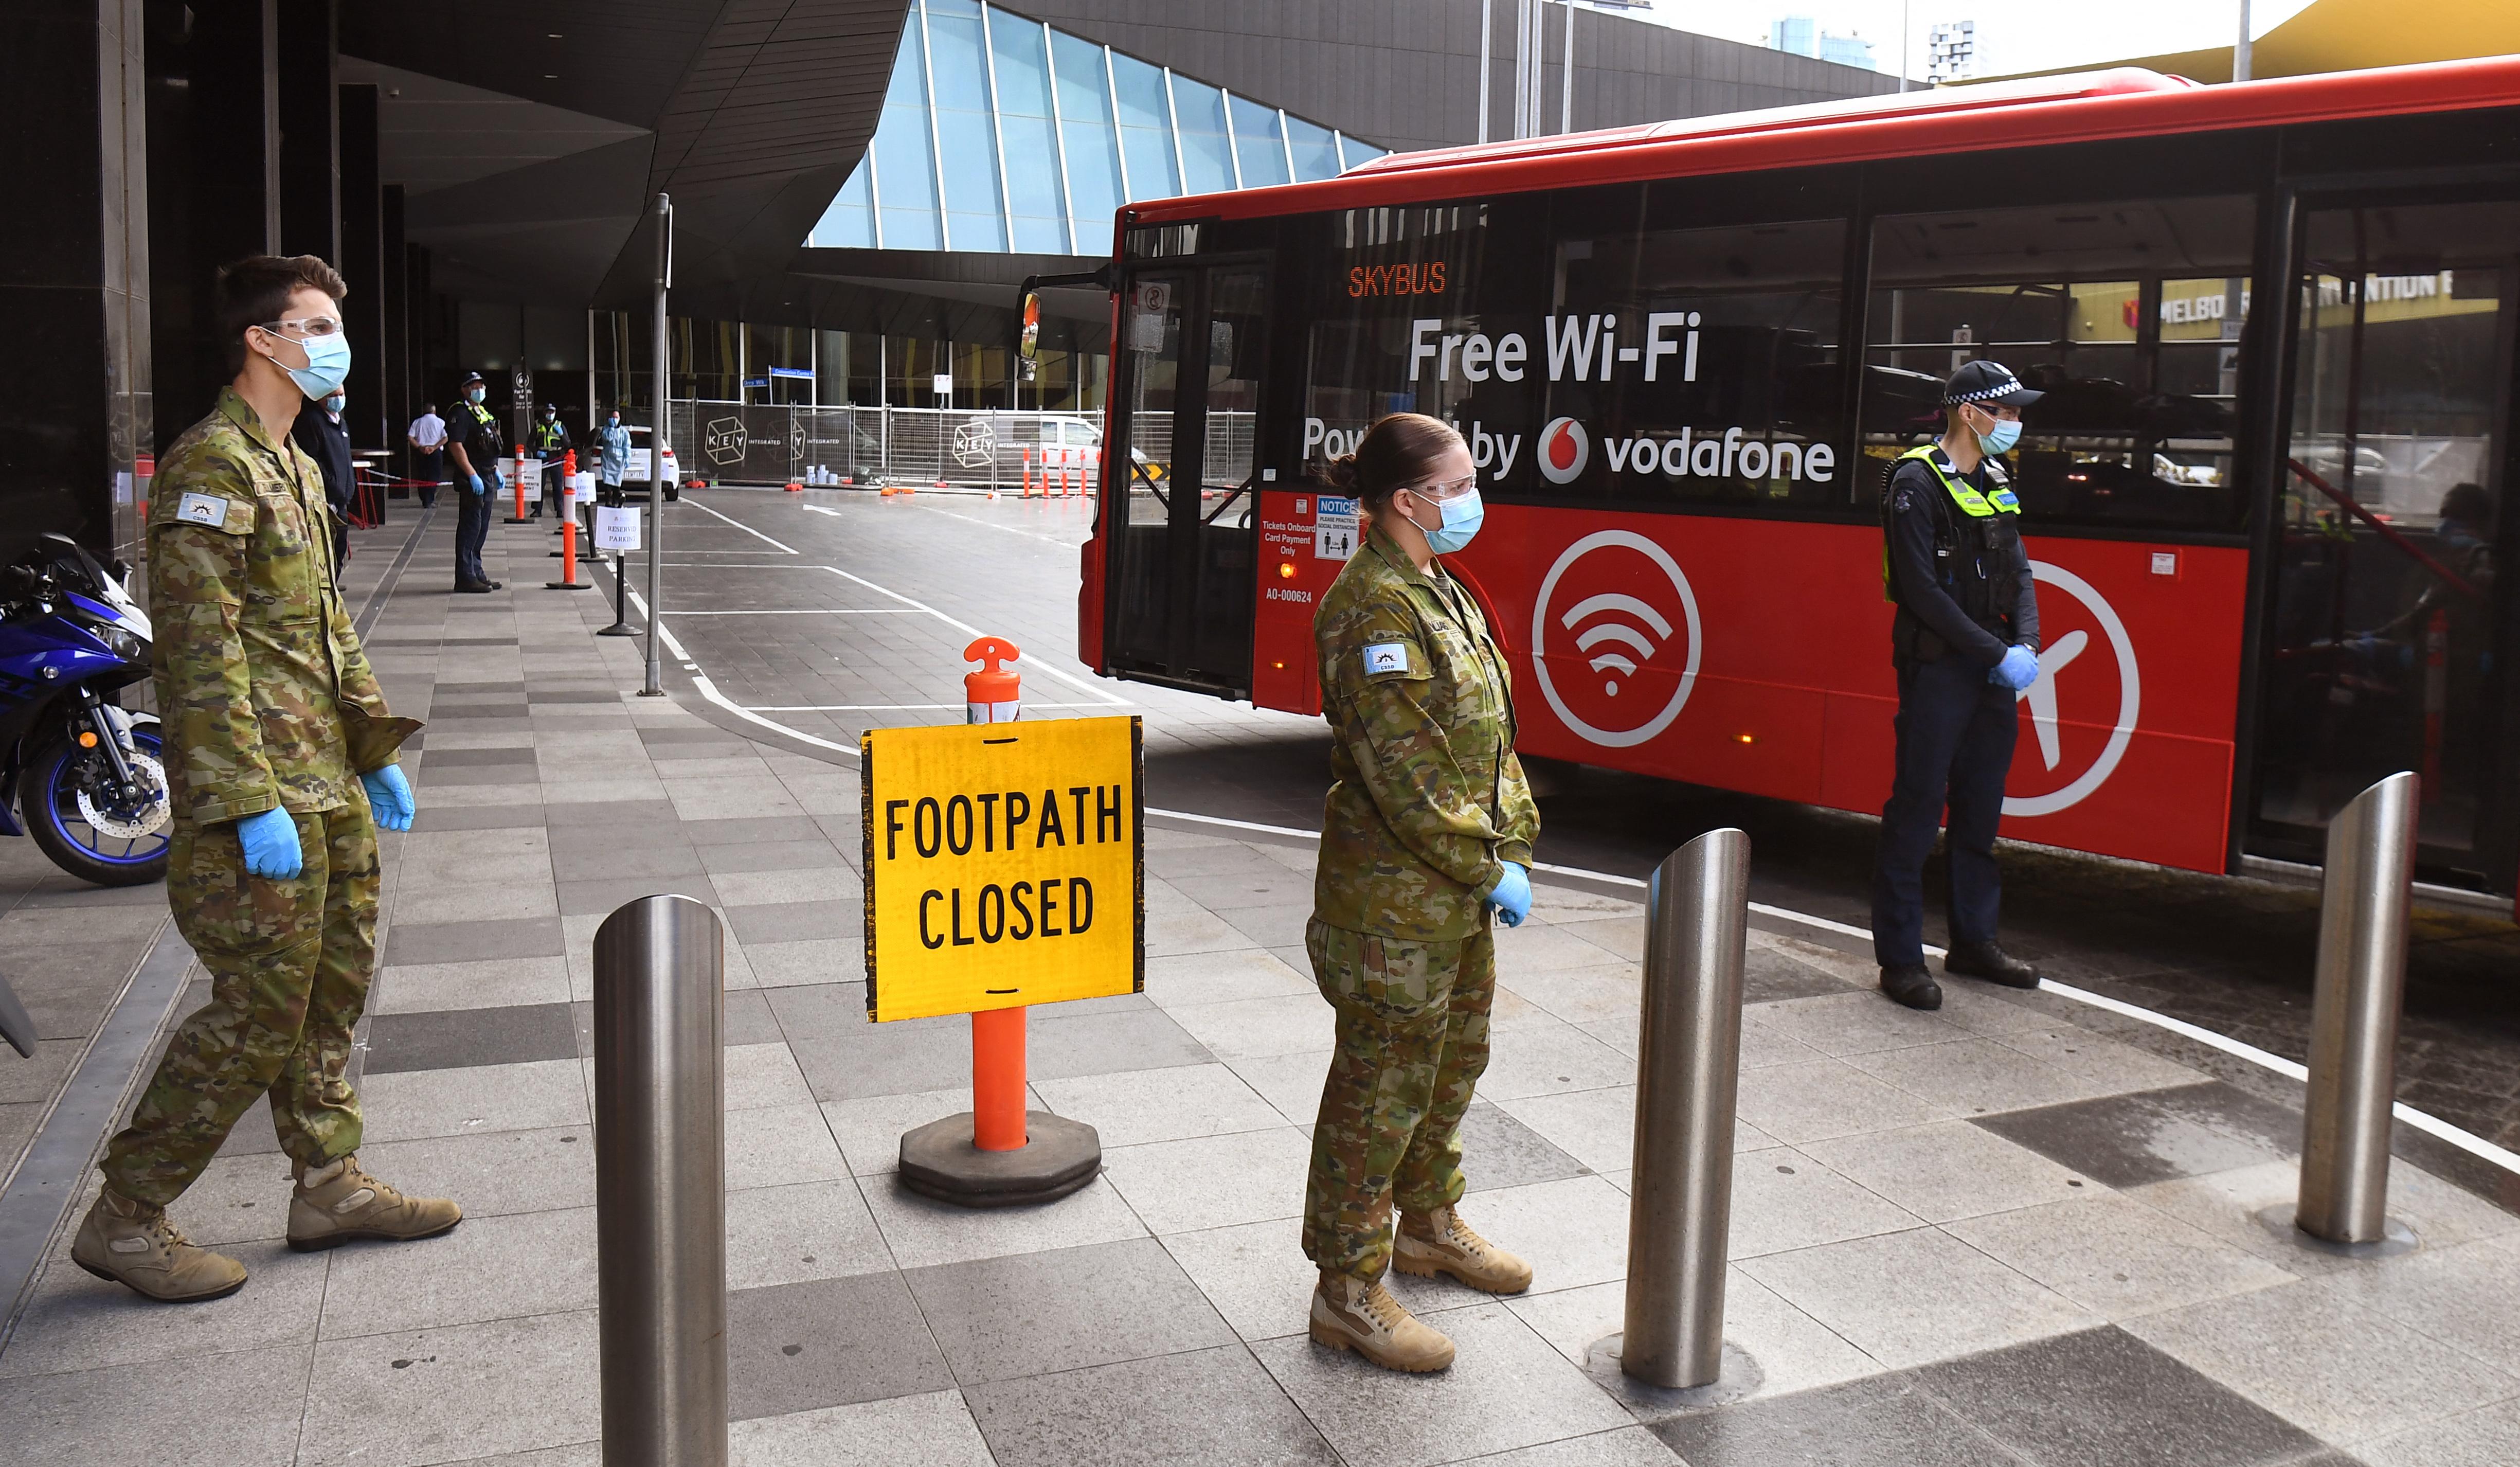 Ausztráliában katonákkal próbálják megfékezni a járványt